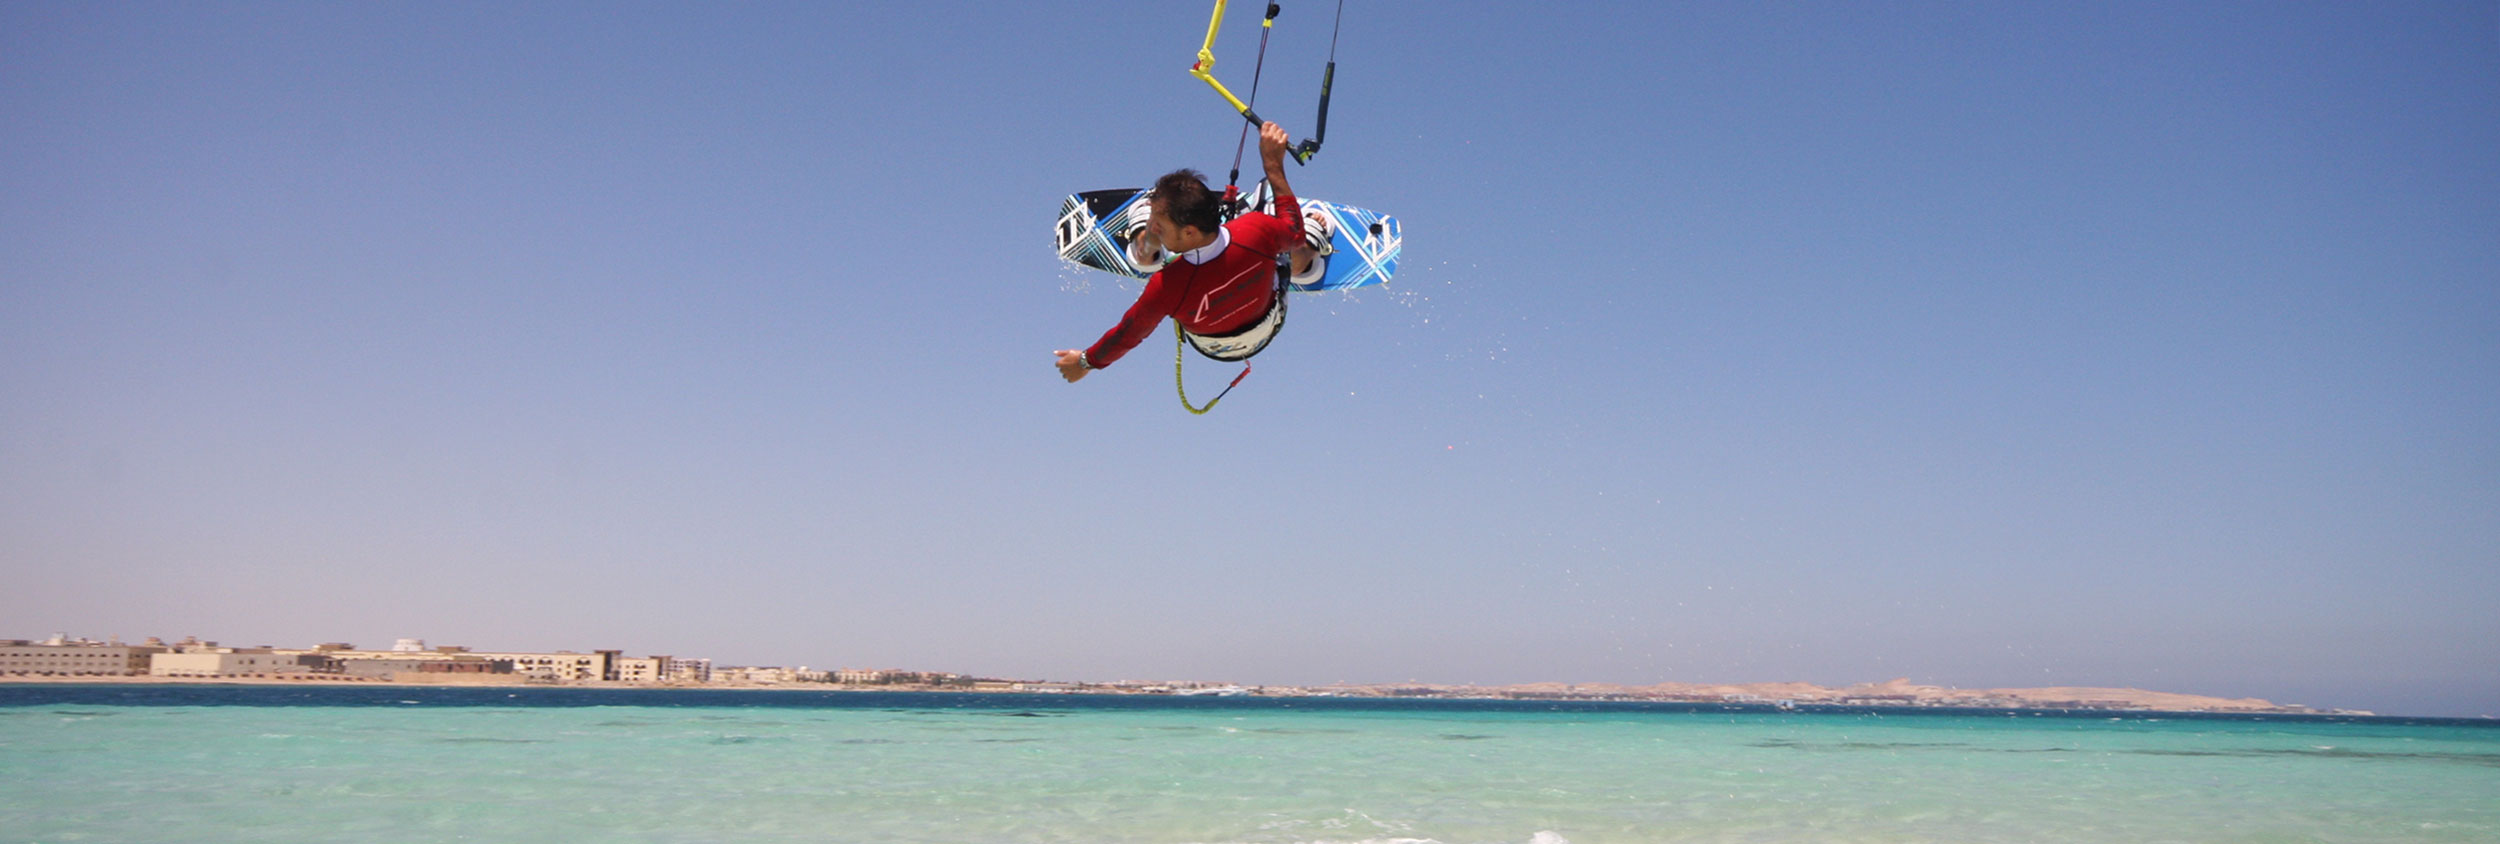 Harry Nass Hurghada Egypt Kiteworld travel